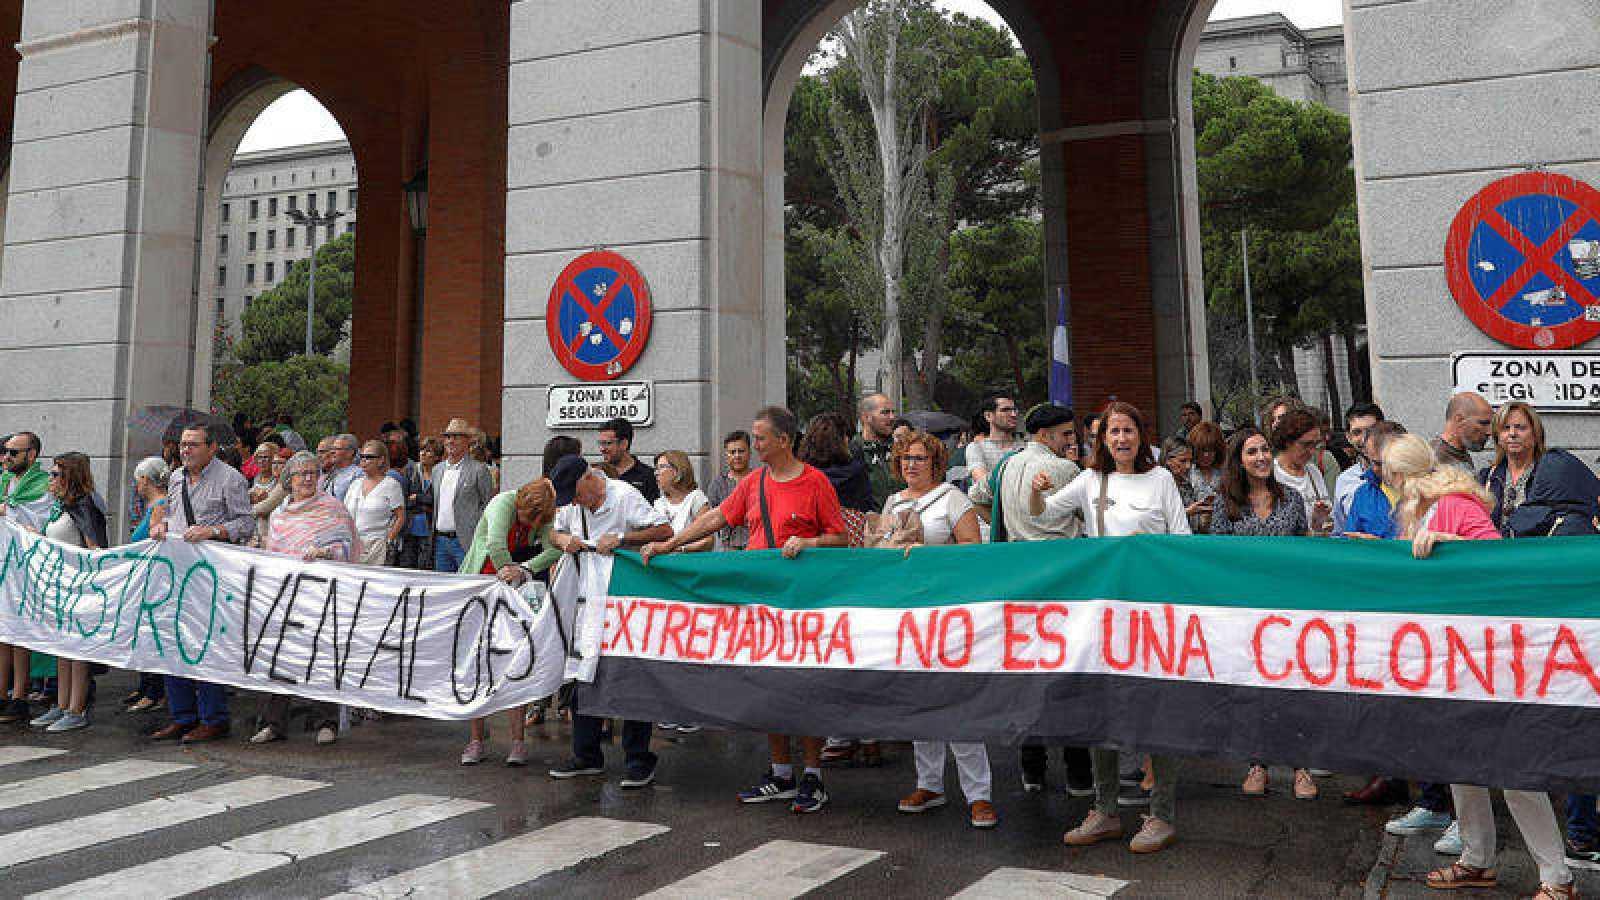 Extremeños manifestándose en Madrid el pasado mes de septiembre para pedir un tren digno.